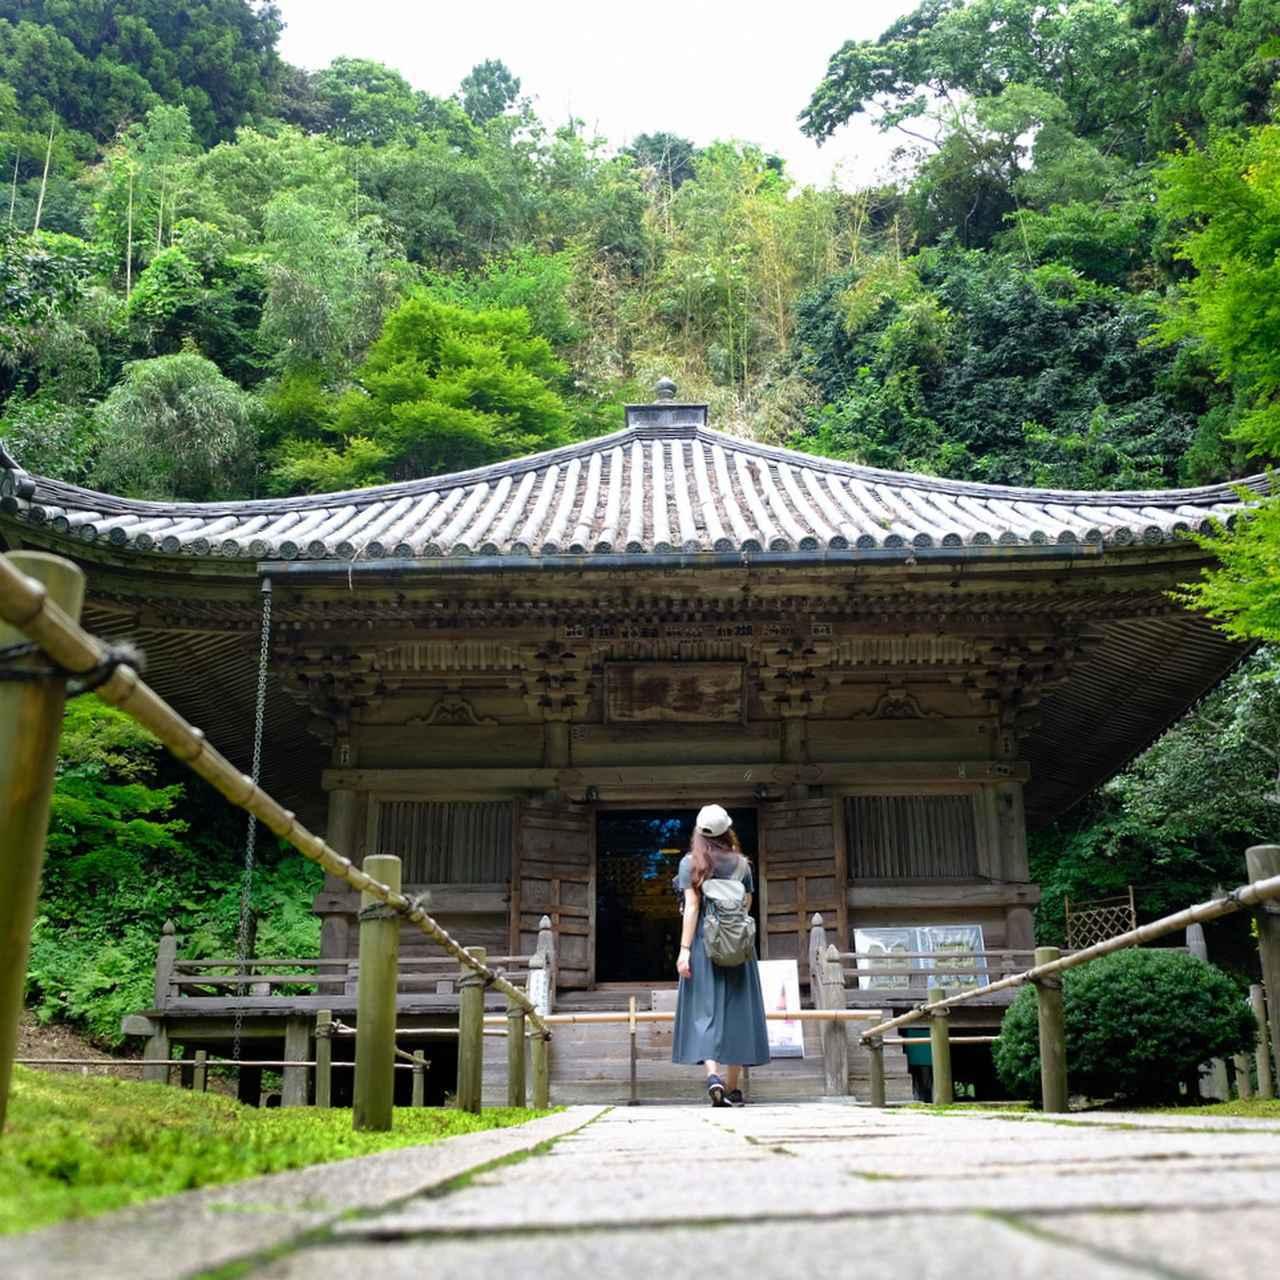 画像: 国の重要文化財「三慧殿」は奥に鎮座しています。後ろに山を背負い、木々に守られるようにして建っていました。